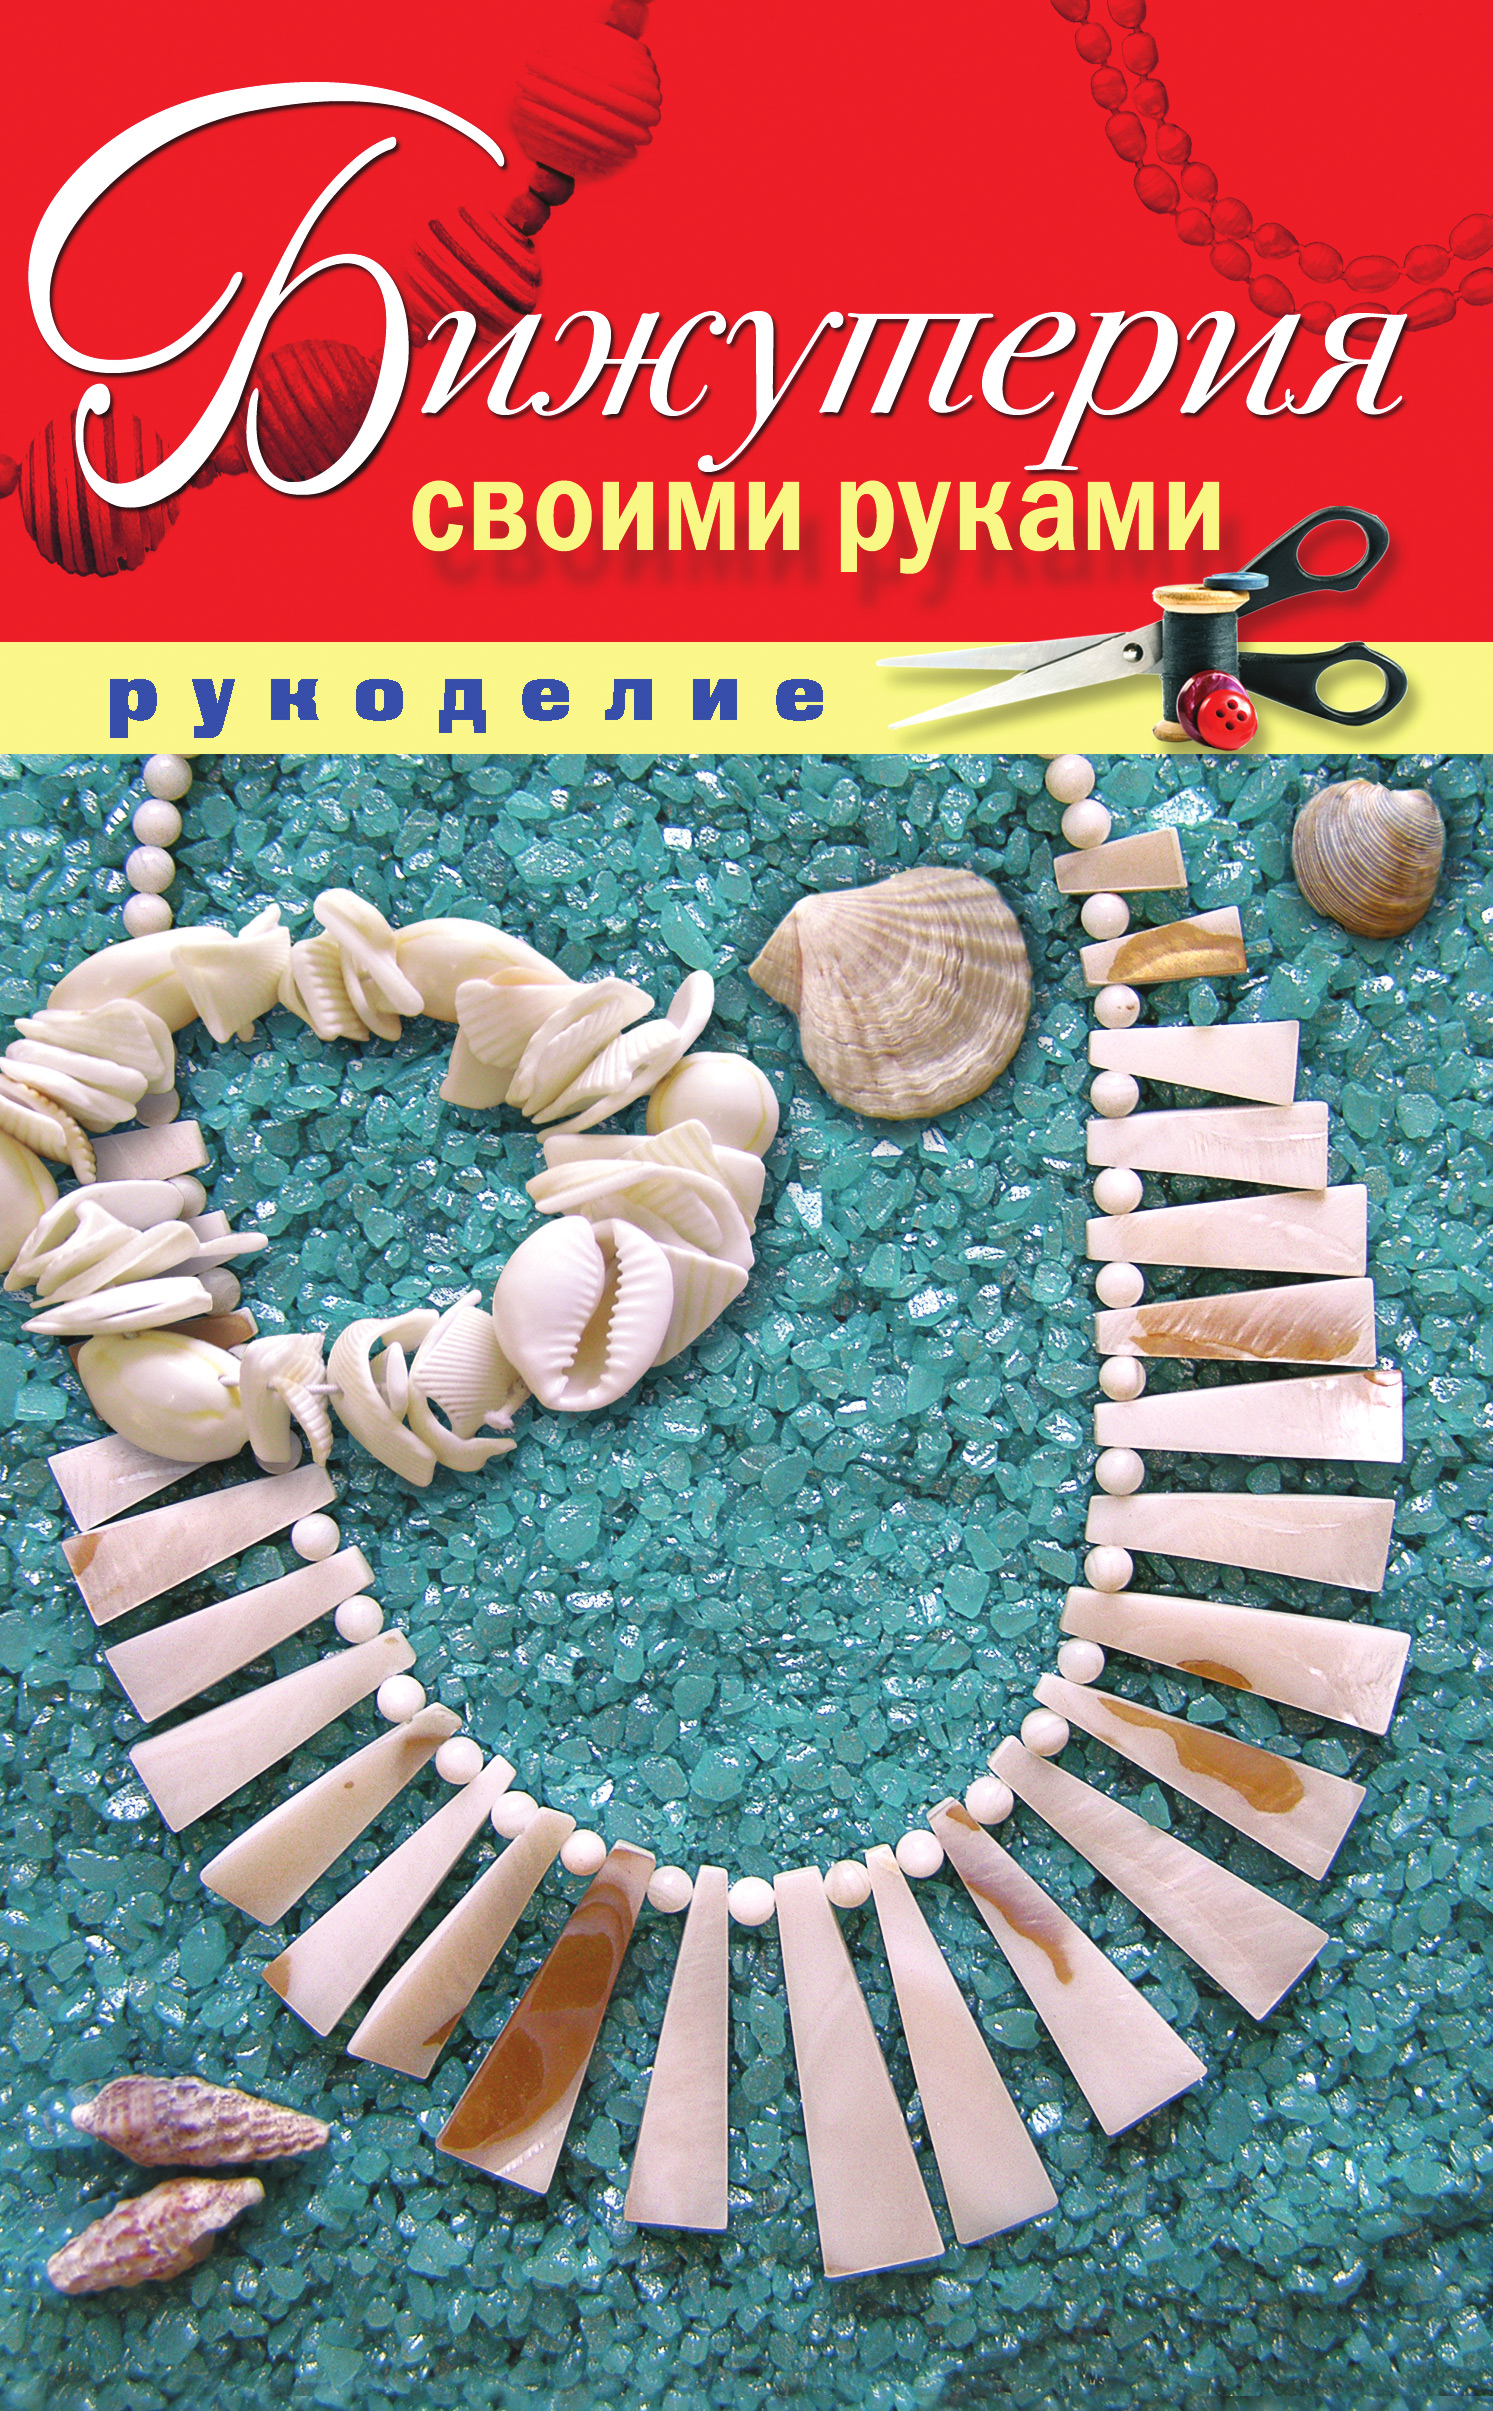 Елена Шилкова Бижутерия своими руками